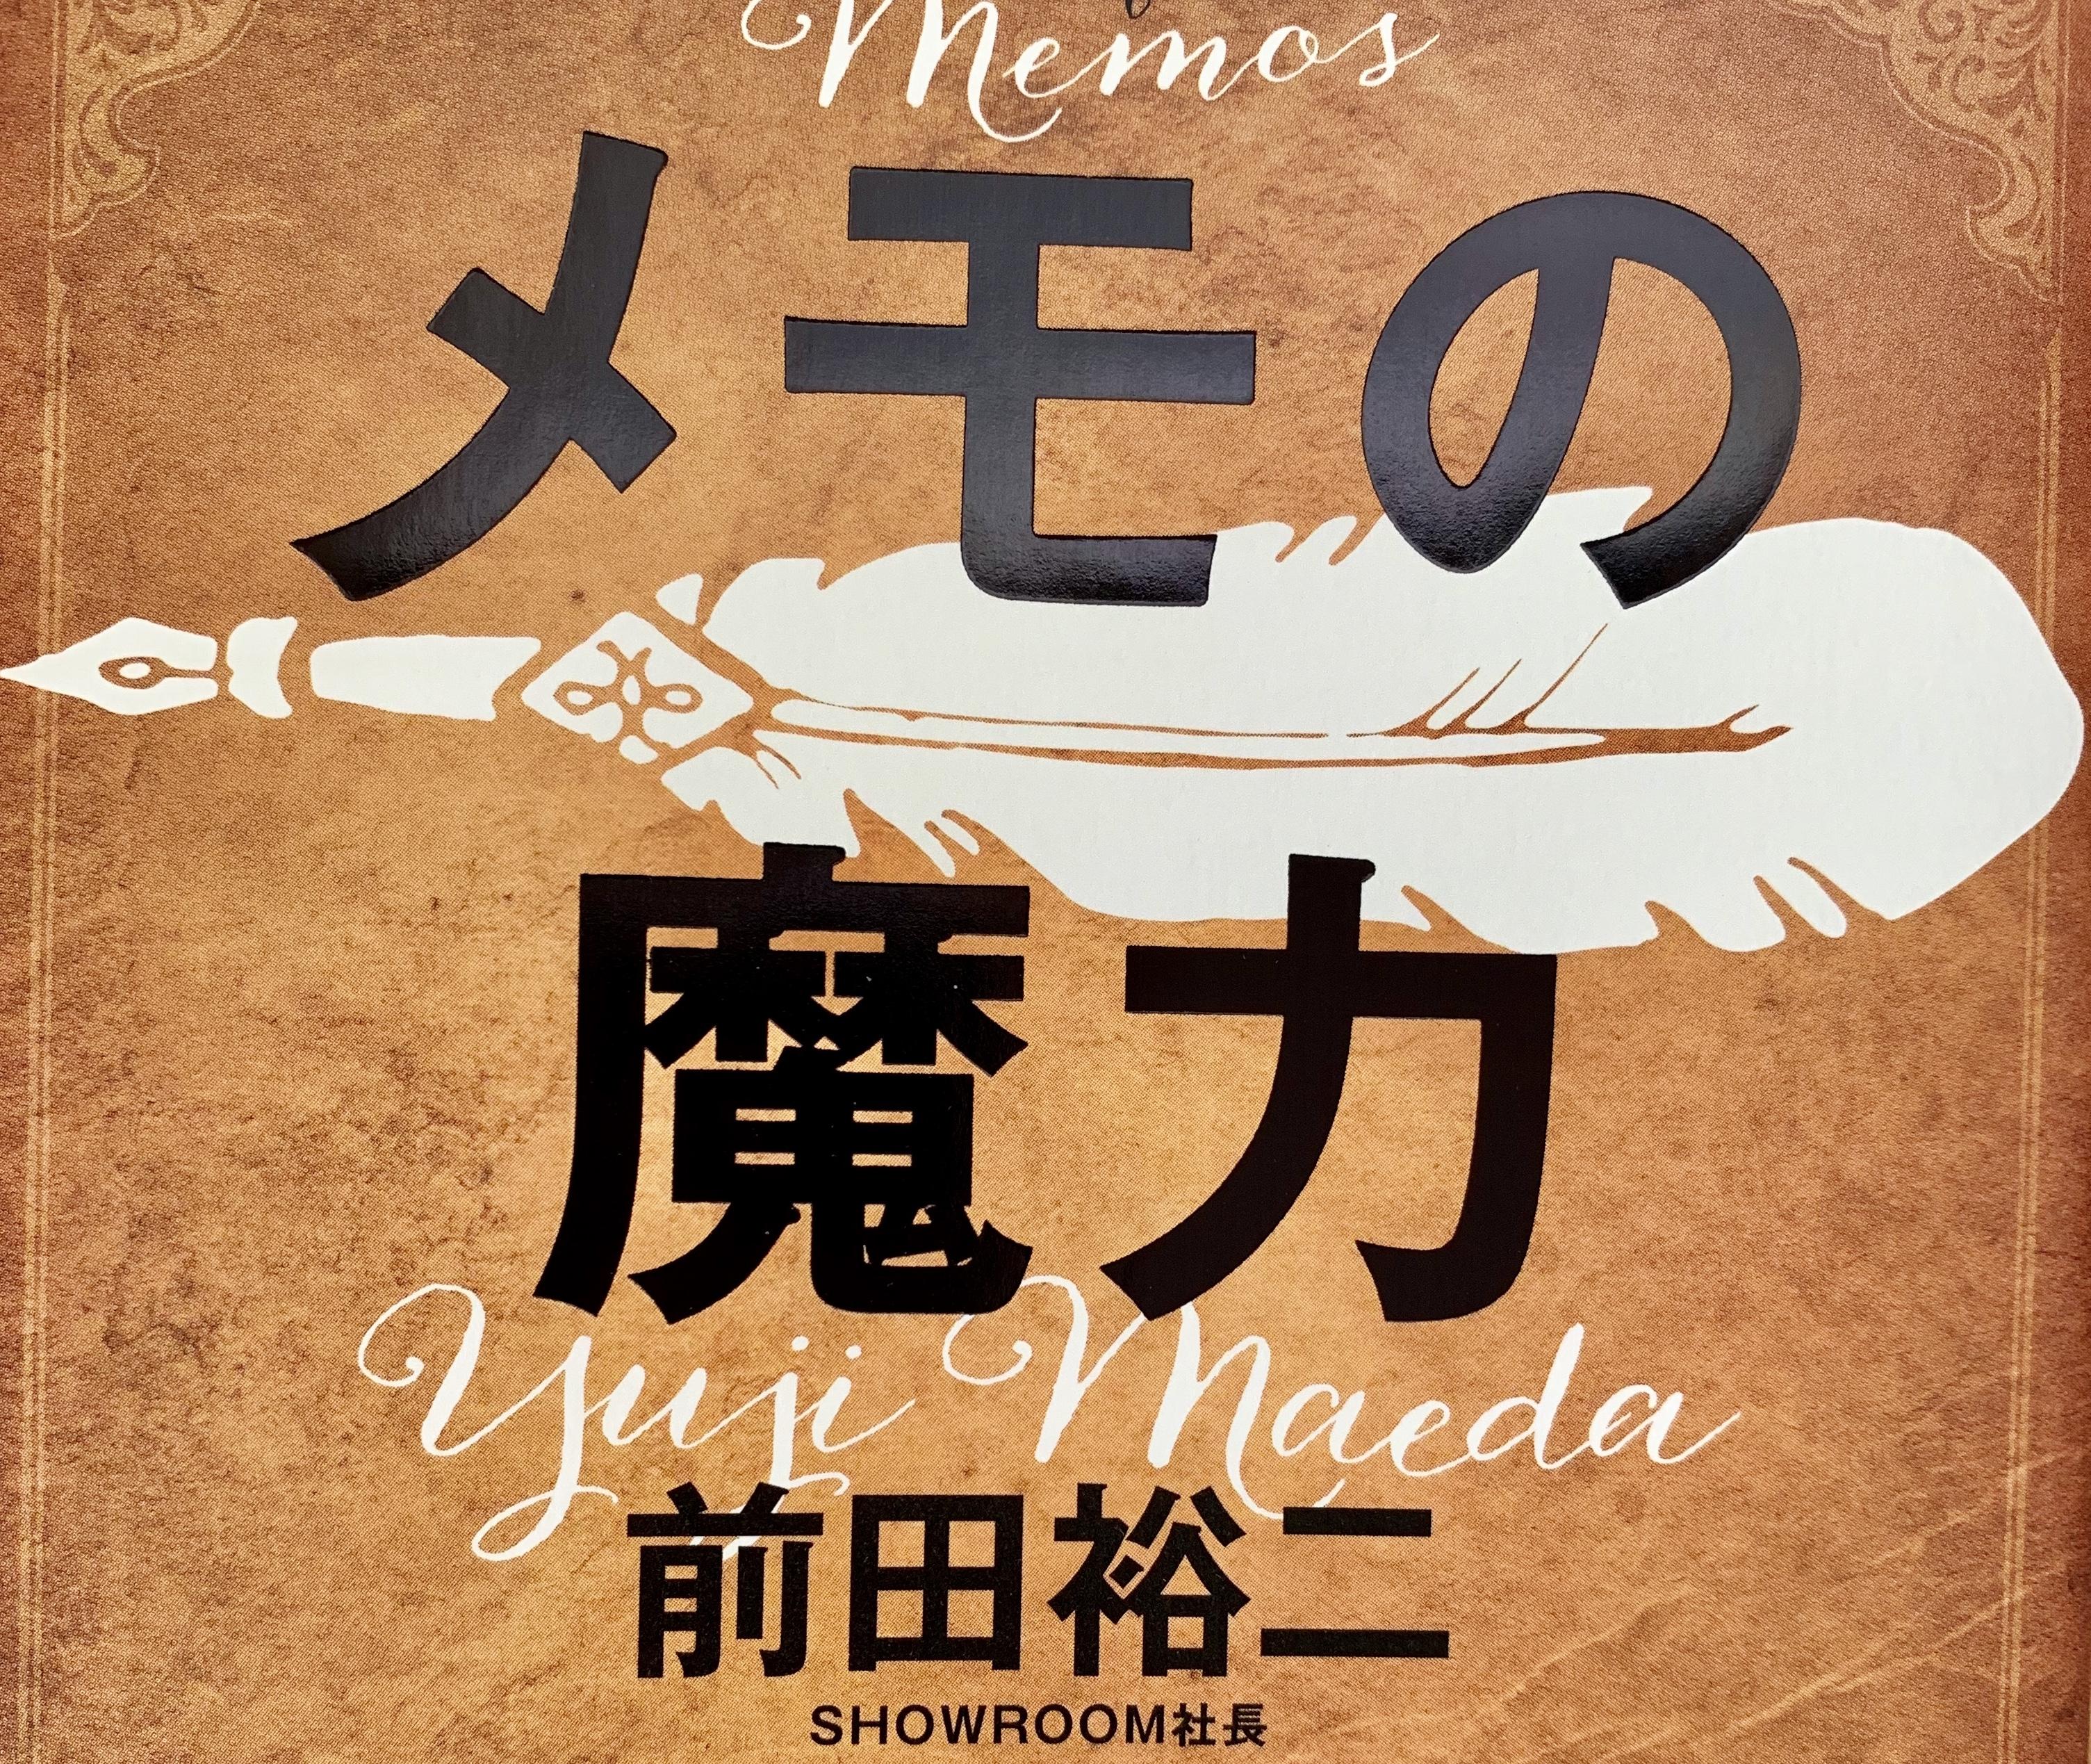 【今すぐポチれ】飲食店経営にオススメな本 BEST3【大繁盛確定】